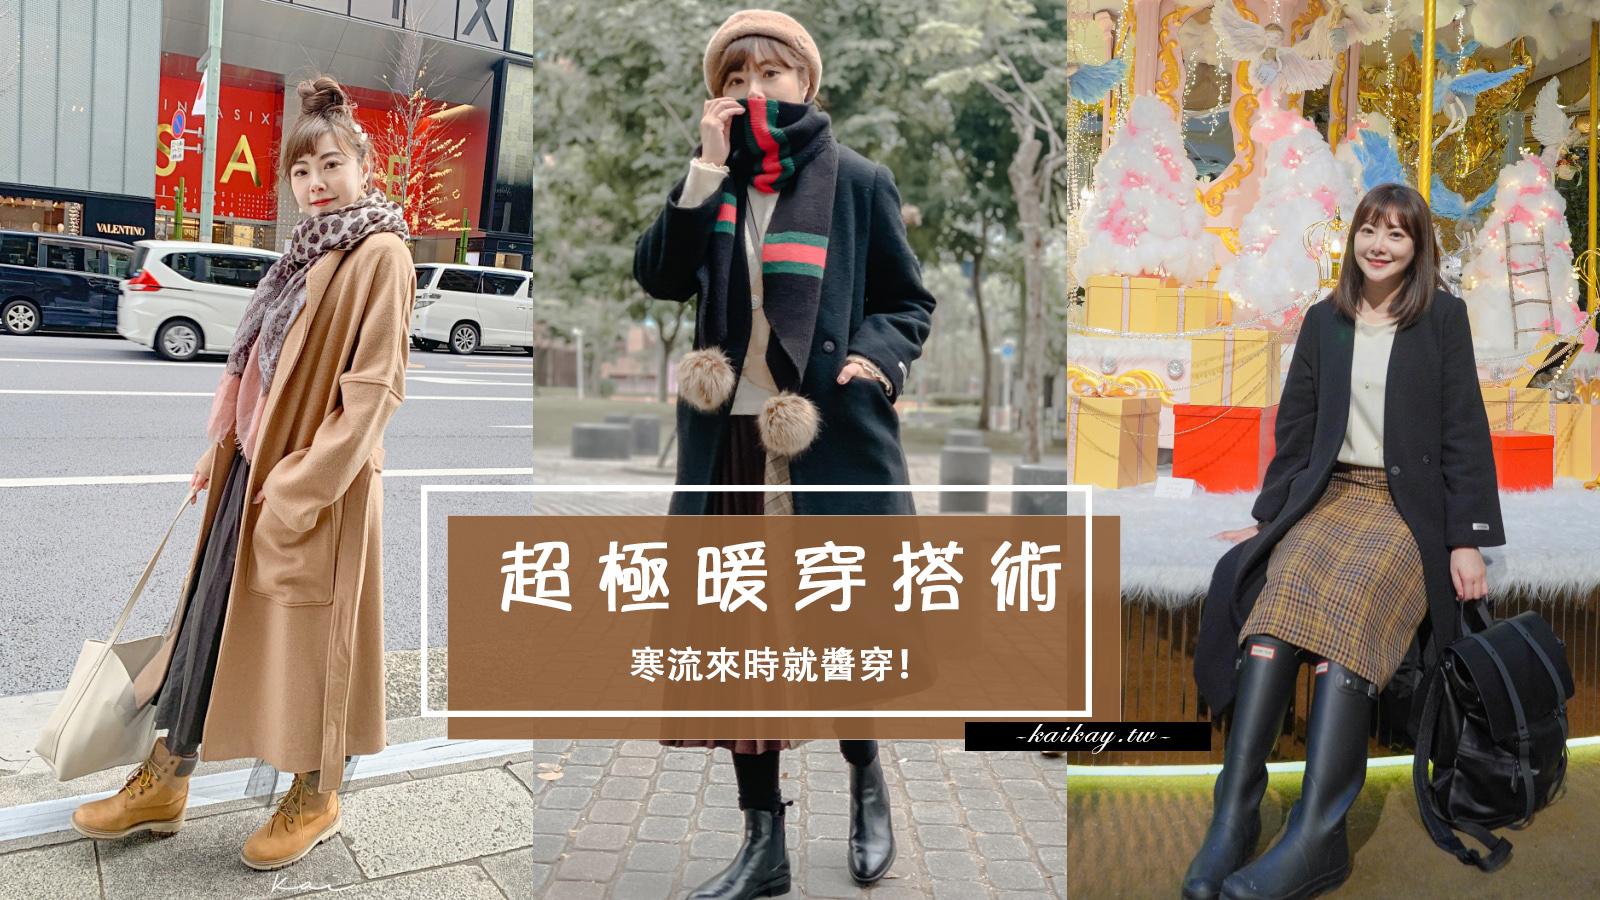 網站近期文章:☆【私服穿搭】寒流保暖攻略。最推薦發熱衣、發熱褲大公開